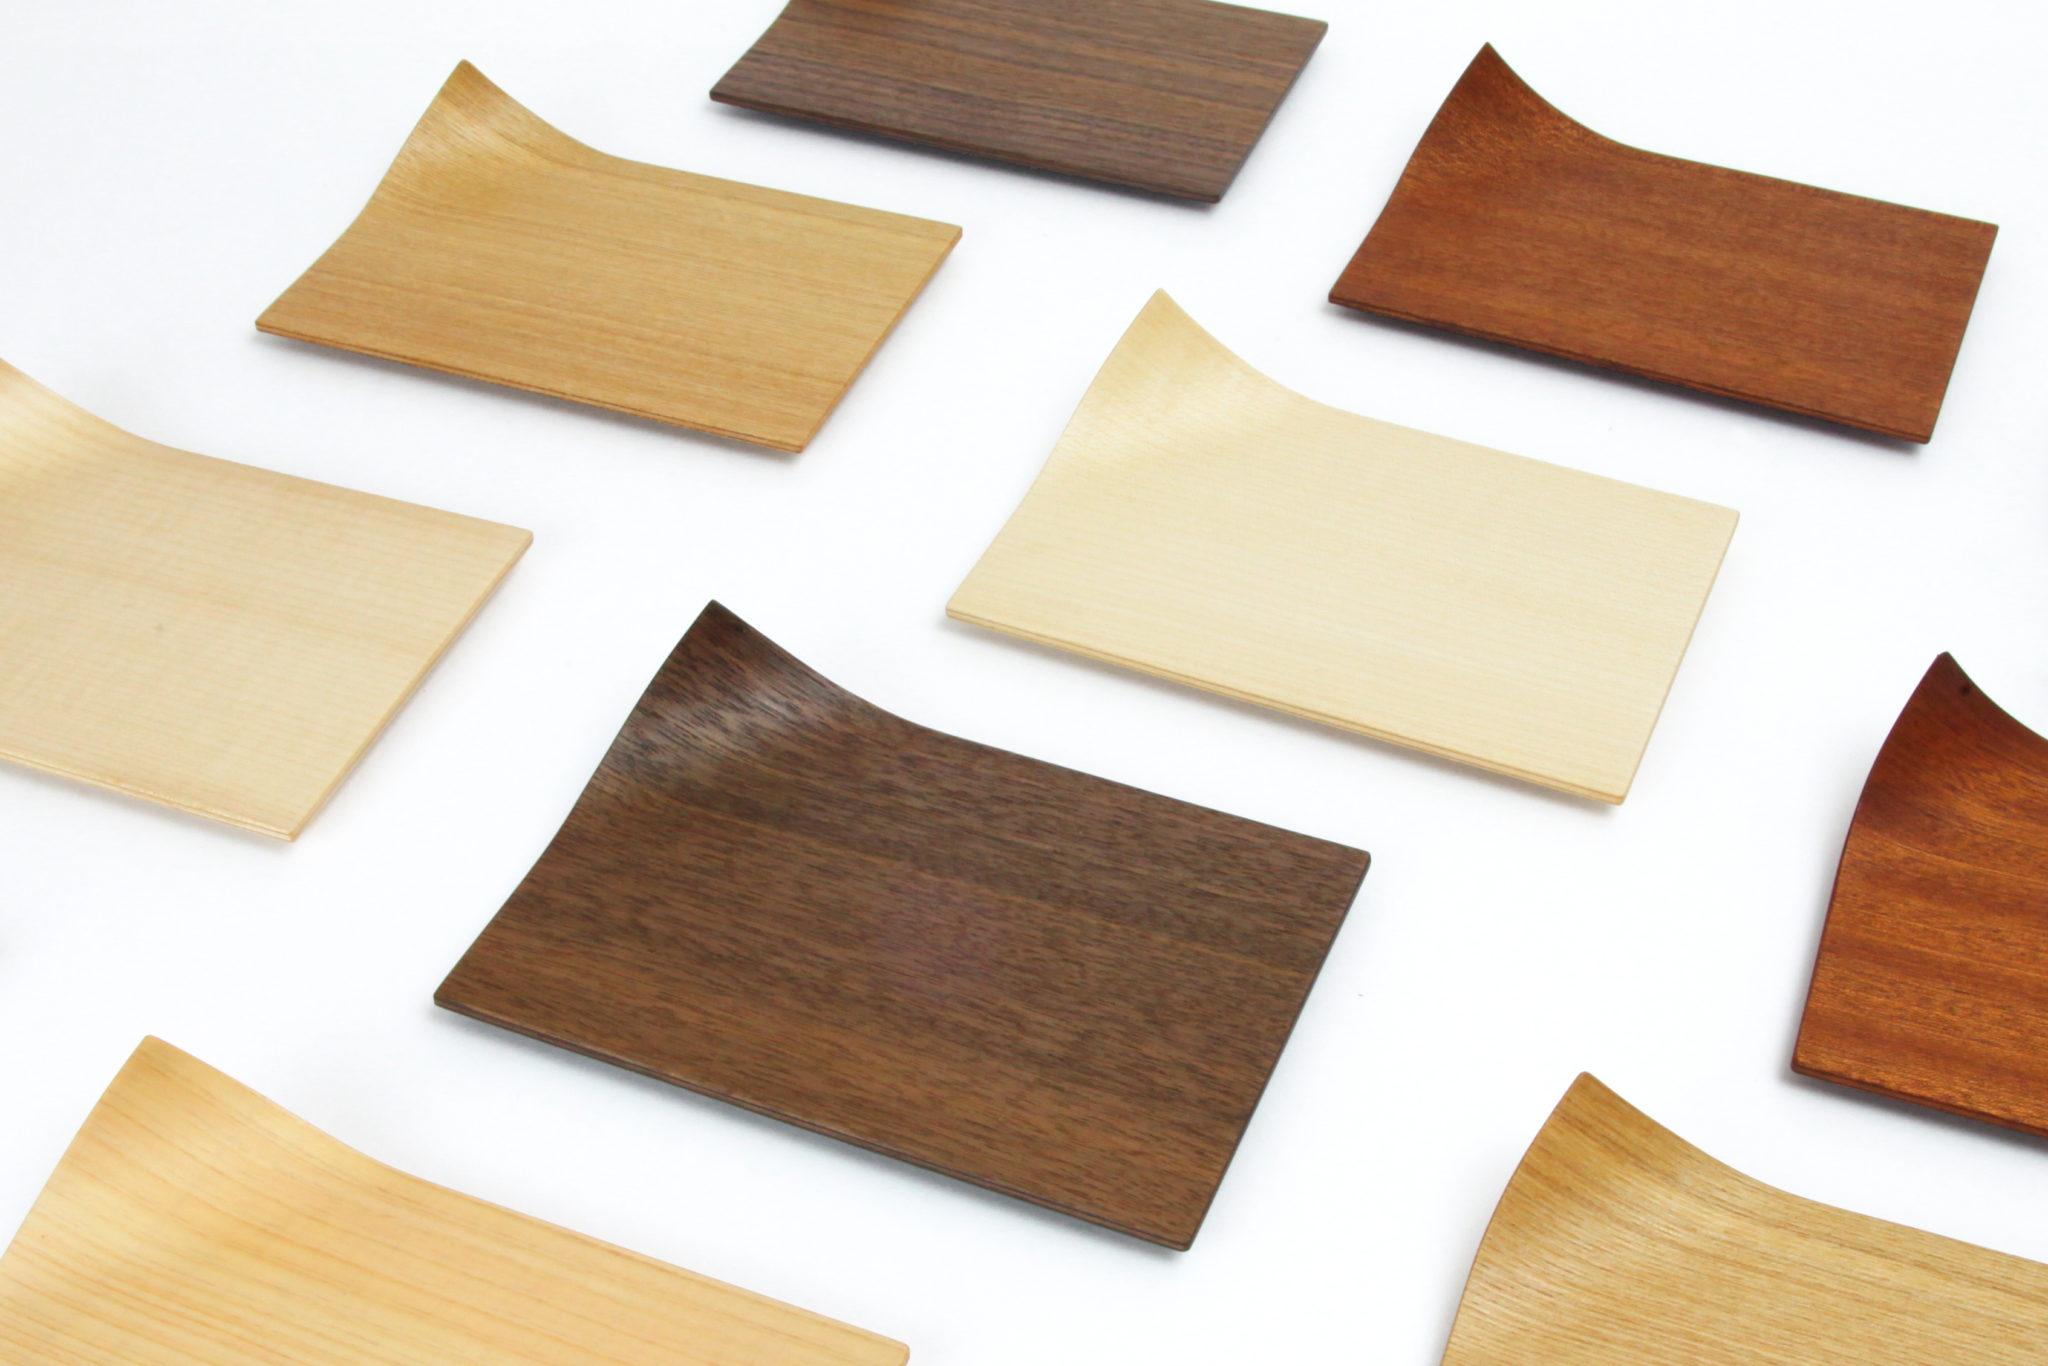 Fluttering Wood Plates